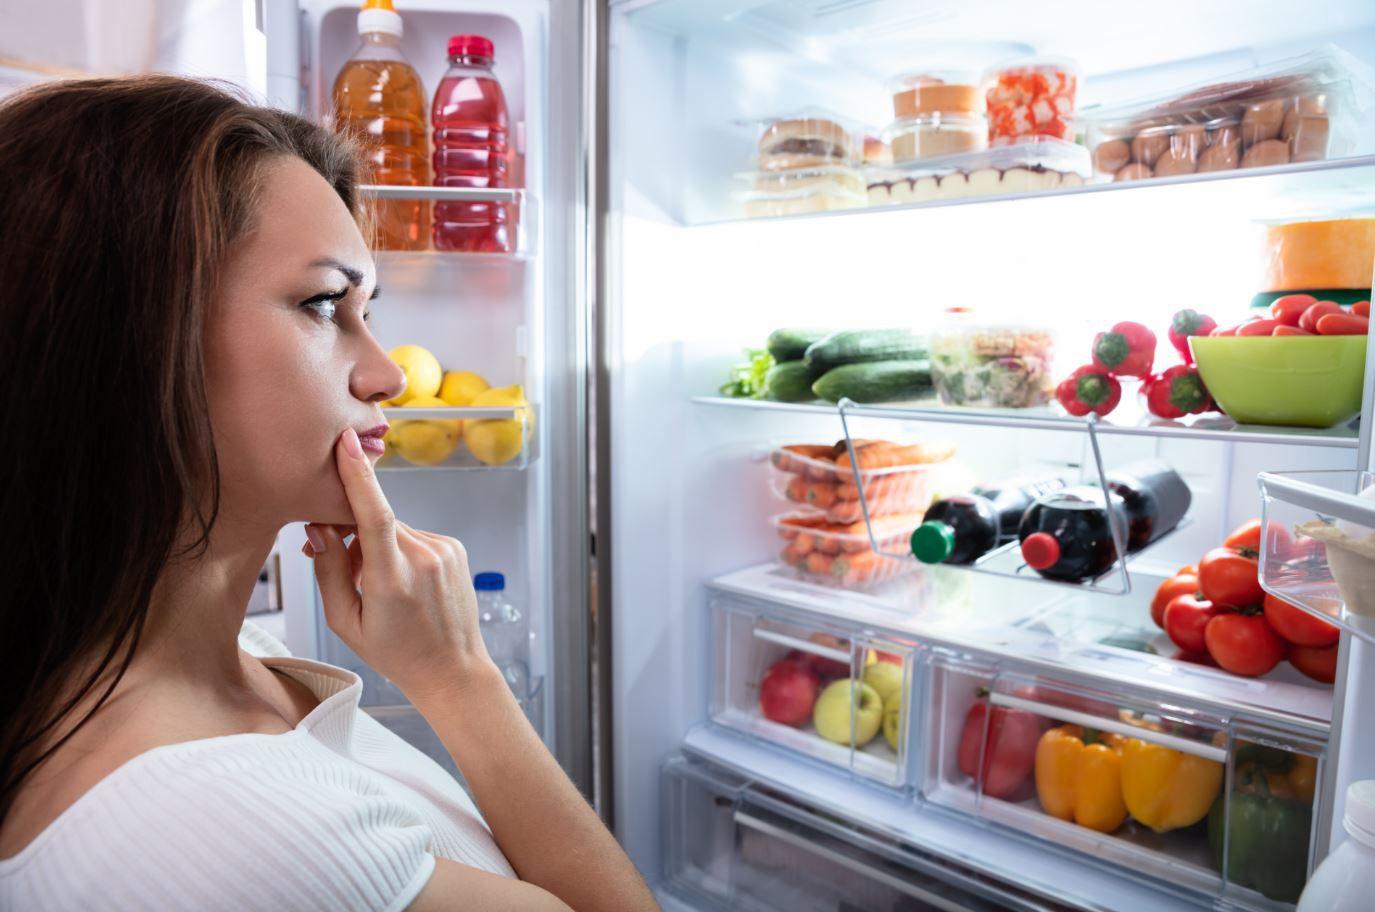 ข้อควรระมัดระวังในการใช้งานตู้เย็น